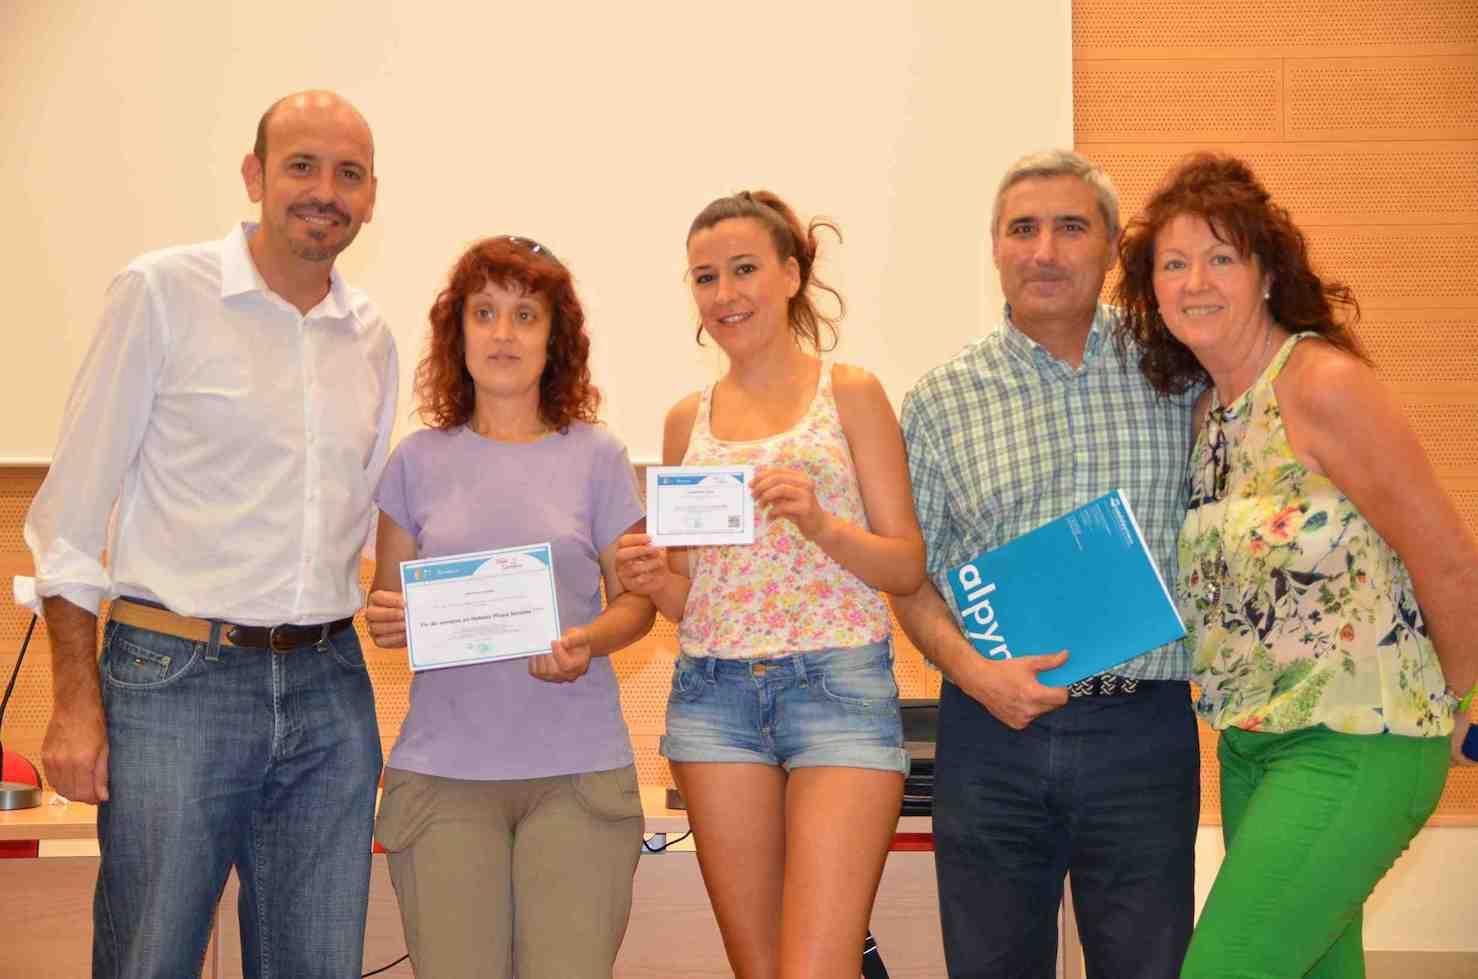 Entregados los premios del concurso fotográfico de la II Ruta de la Tapa y el Cóctel de Cártama